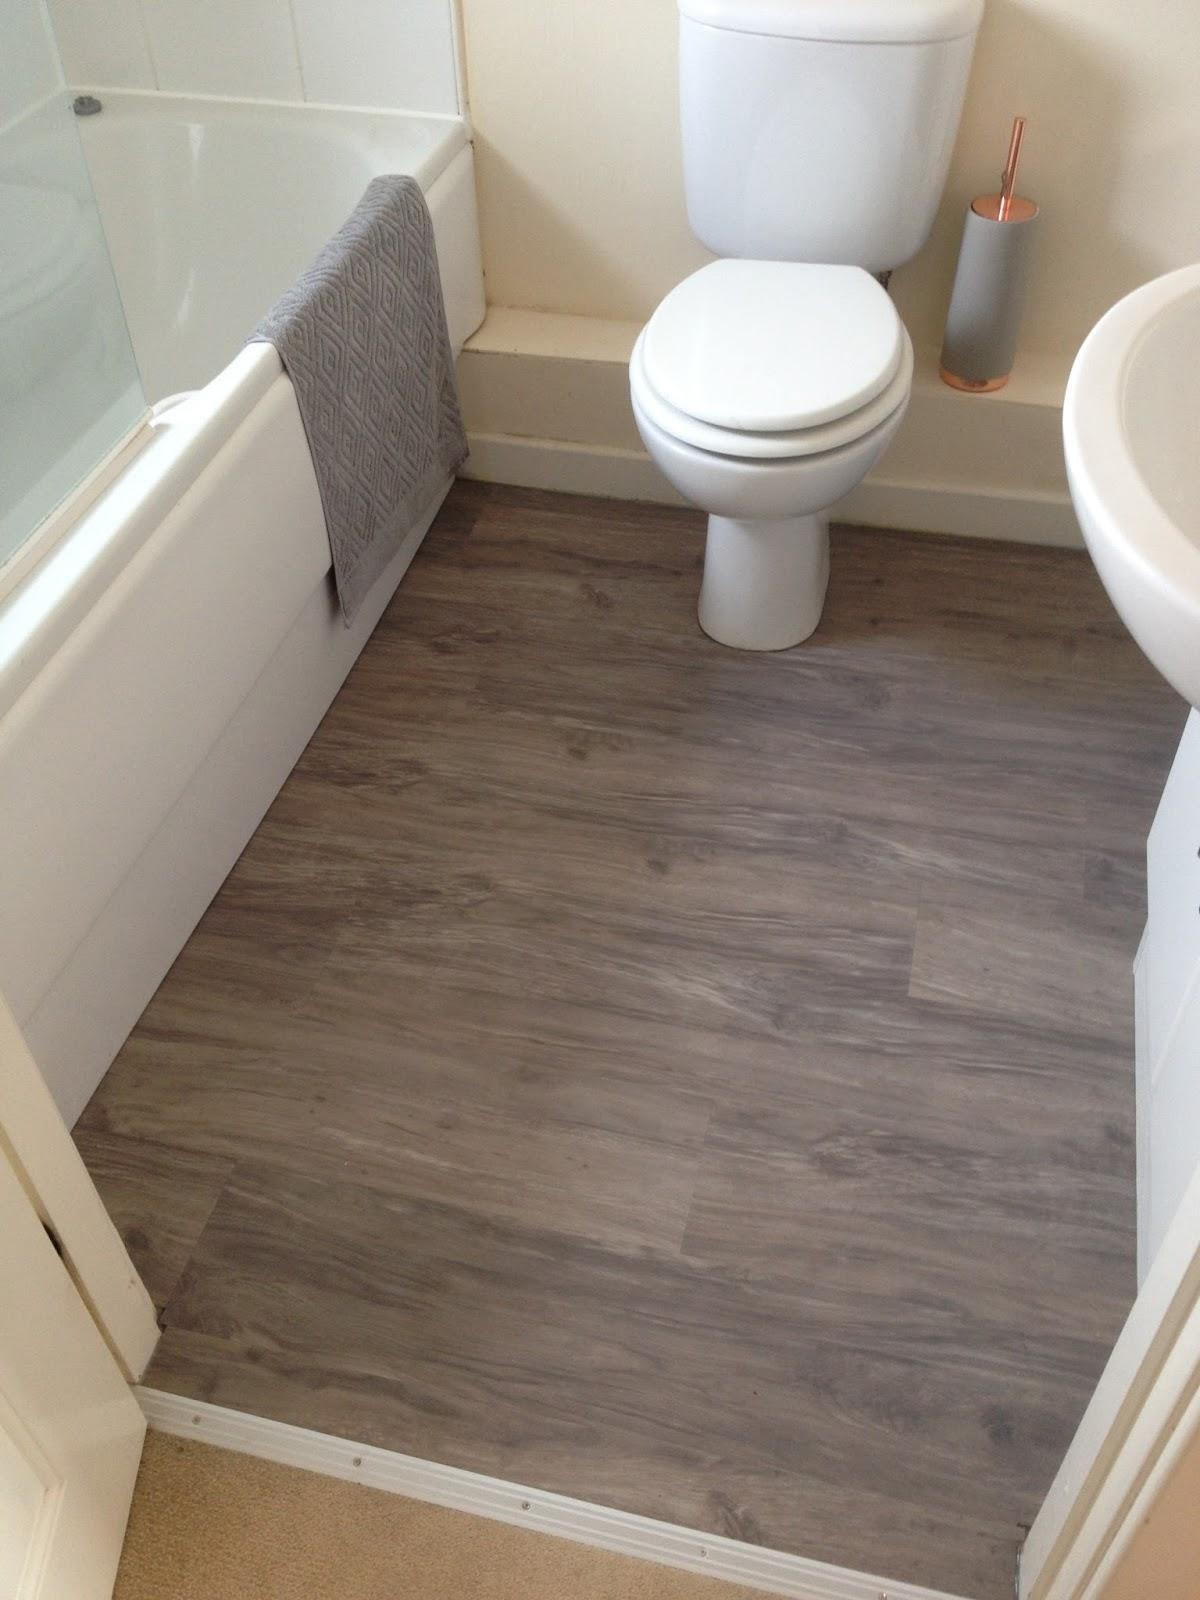 Bathroom Floor Repair Carried Out